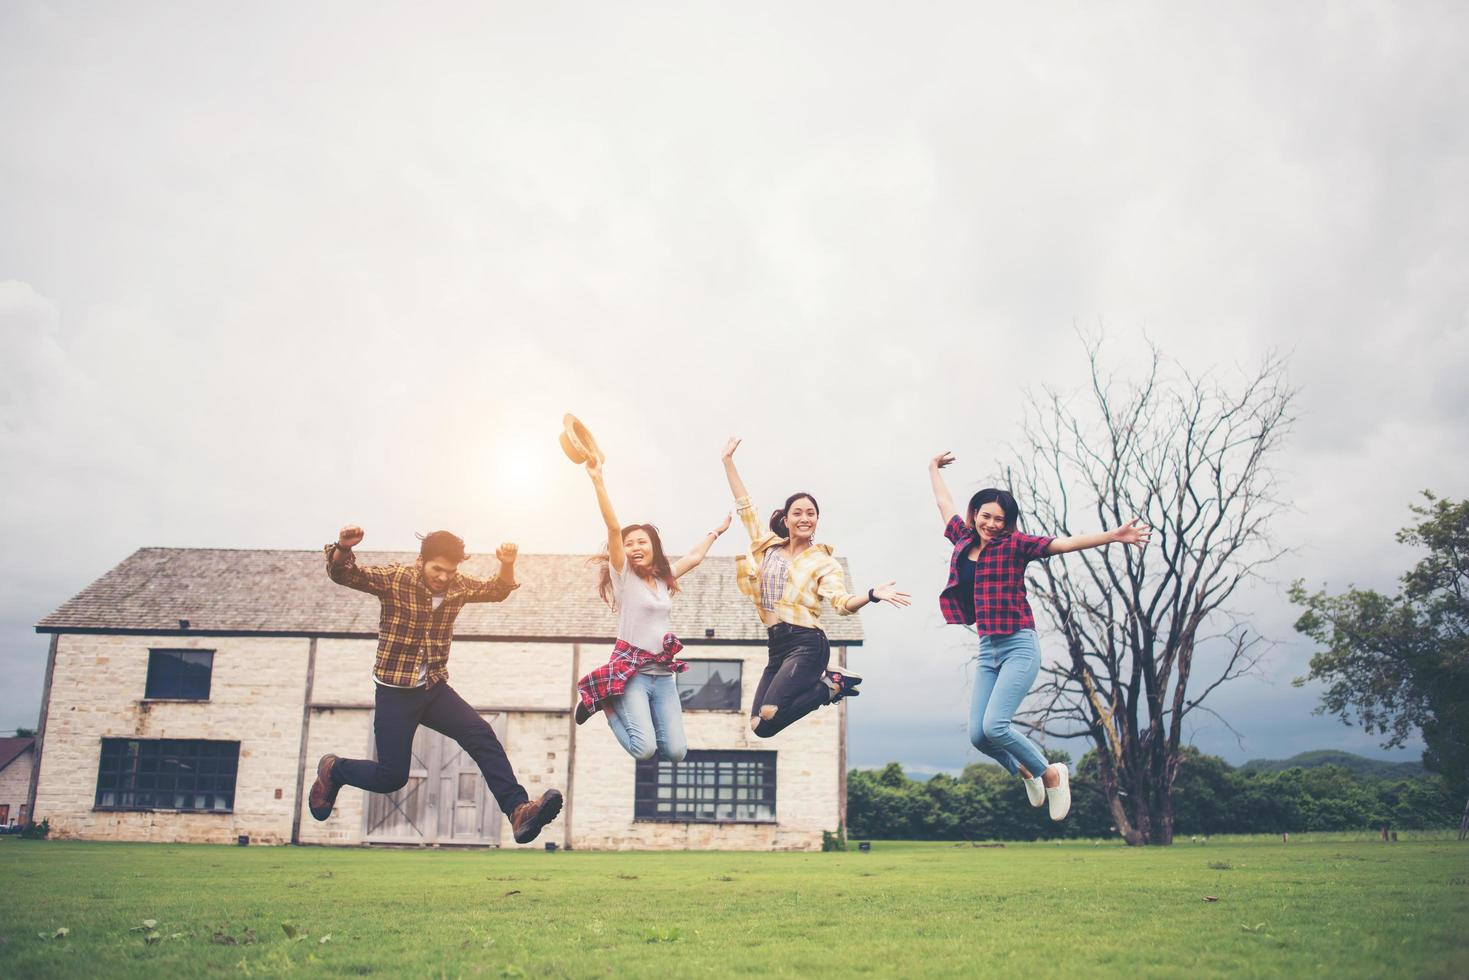 gelukkige groep tiener studenten samen springen in een park foto